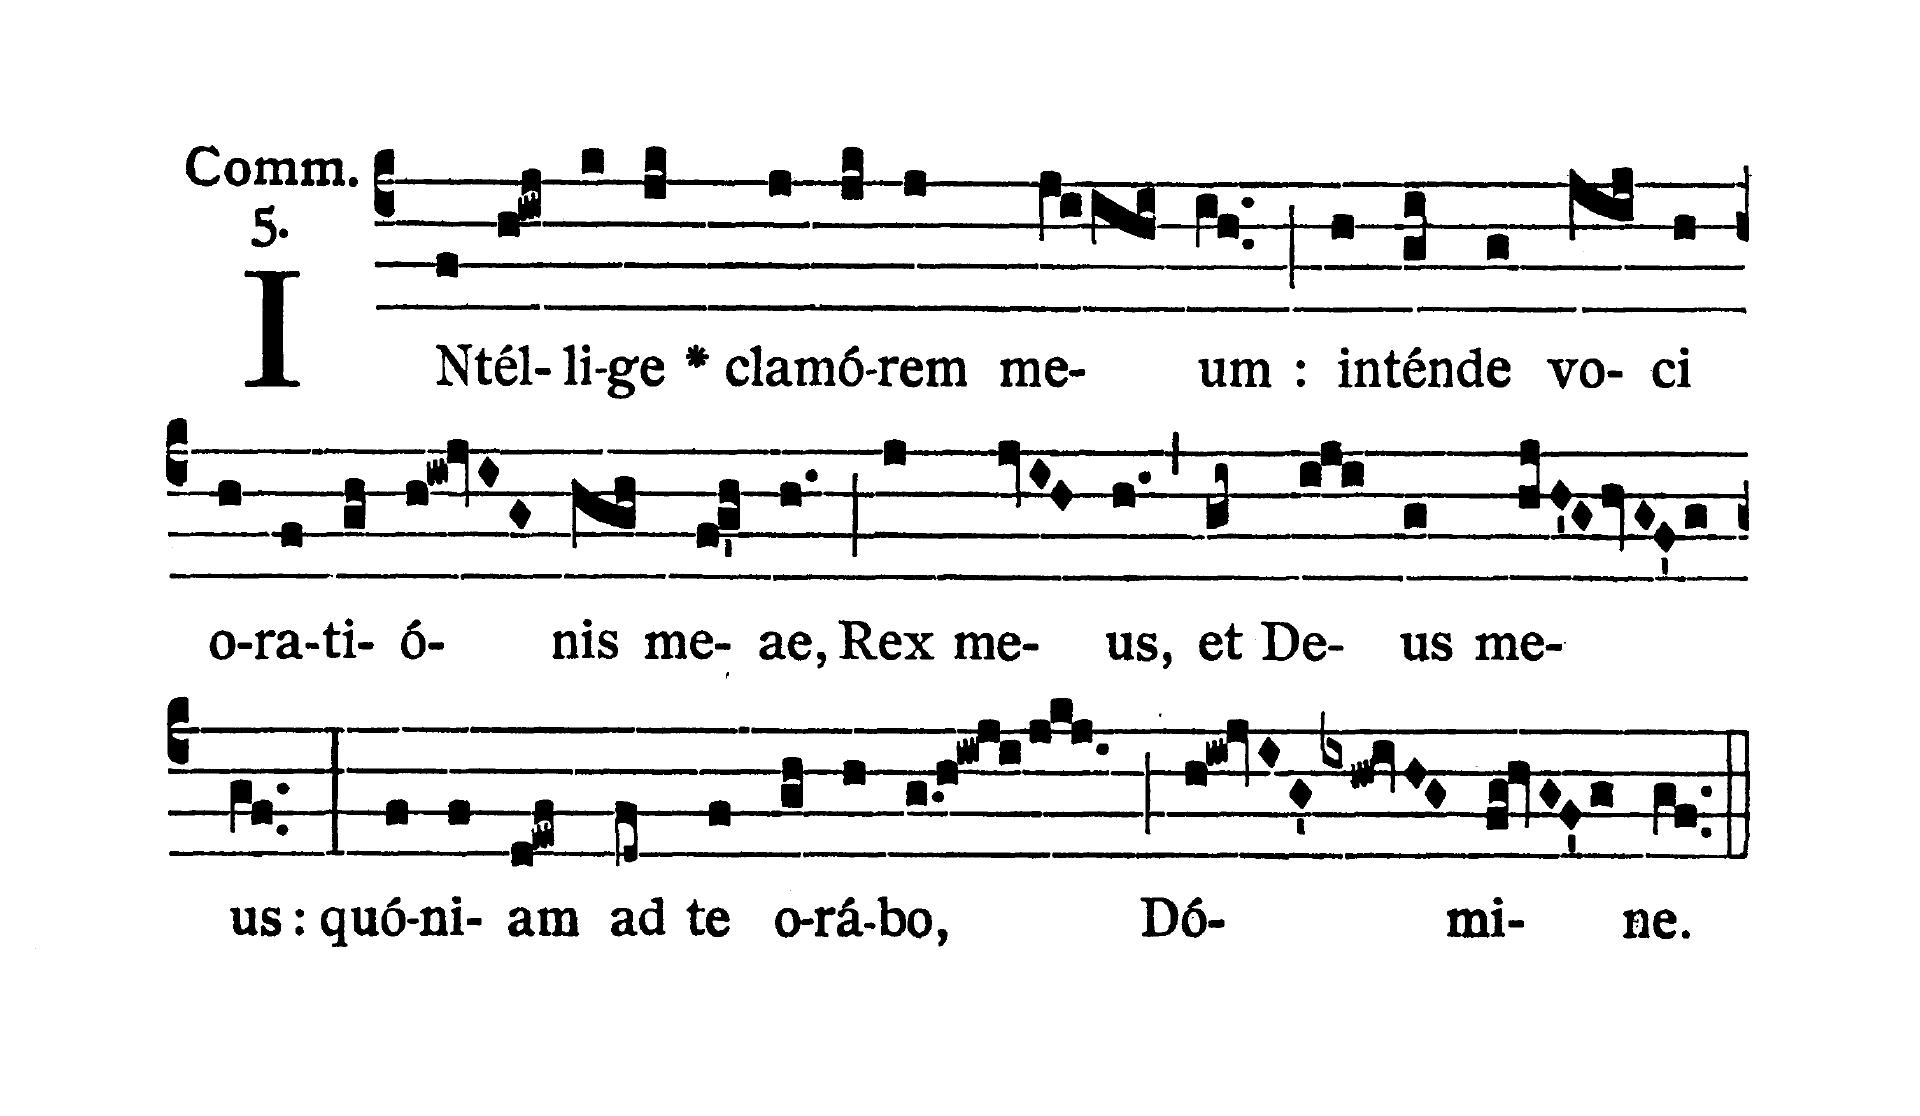 Feria IV Quatuor Temporum Septembris (Środa suchych dni wrześniowych) - Communio (Comedite)